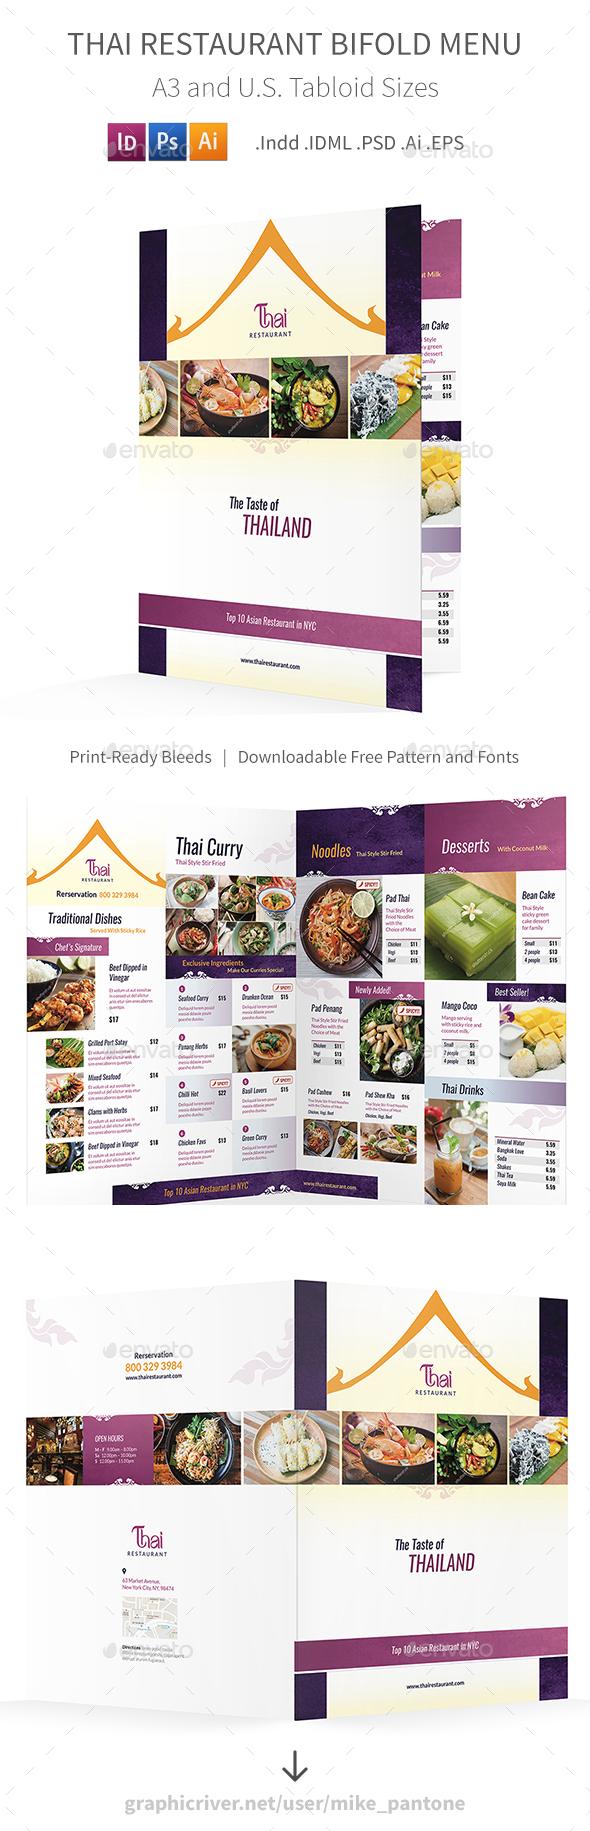 GraphicRiver Thai Restaurant Bifold Halffold Menu 4 20326724